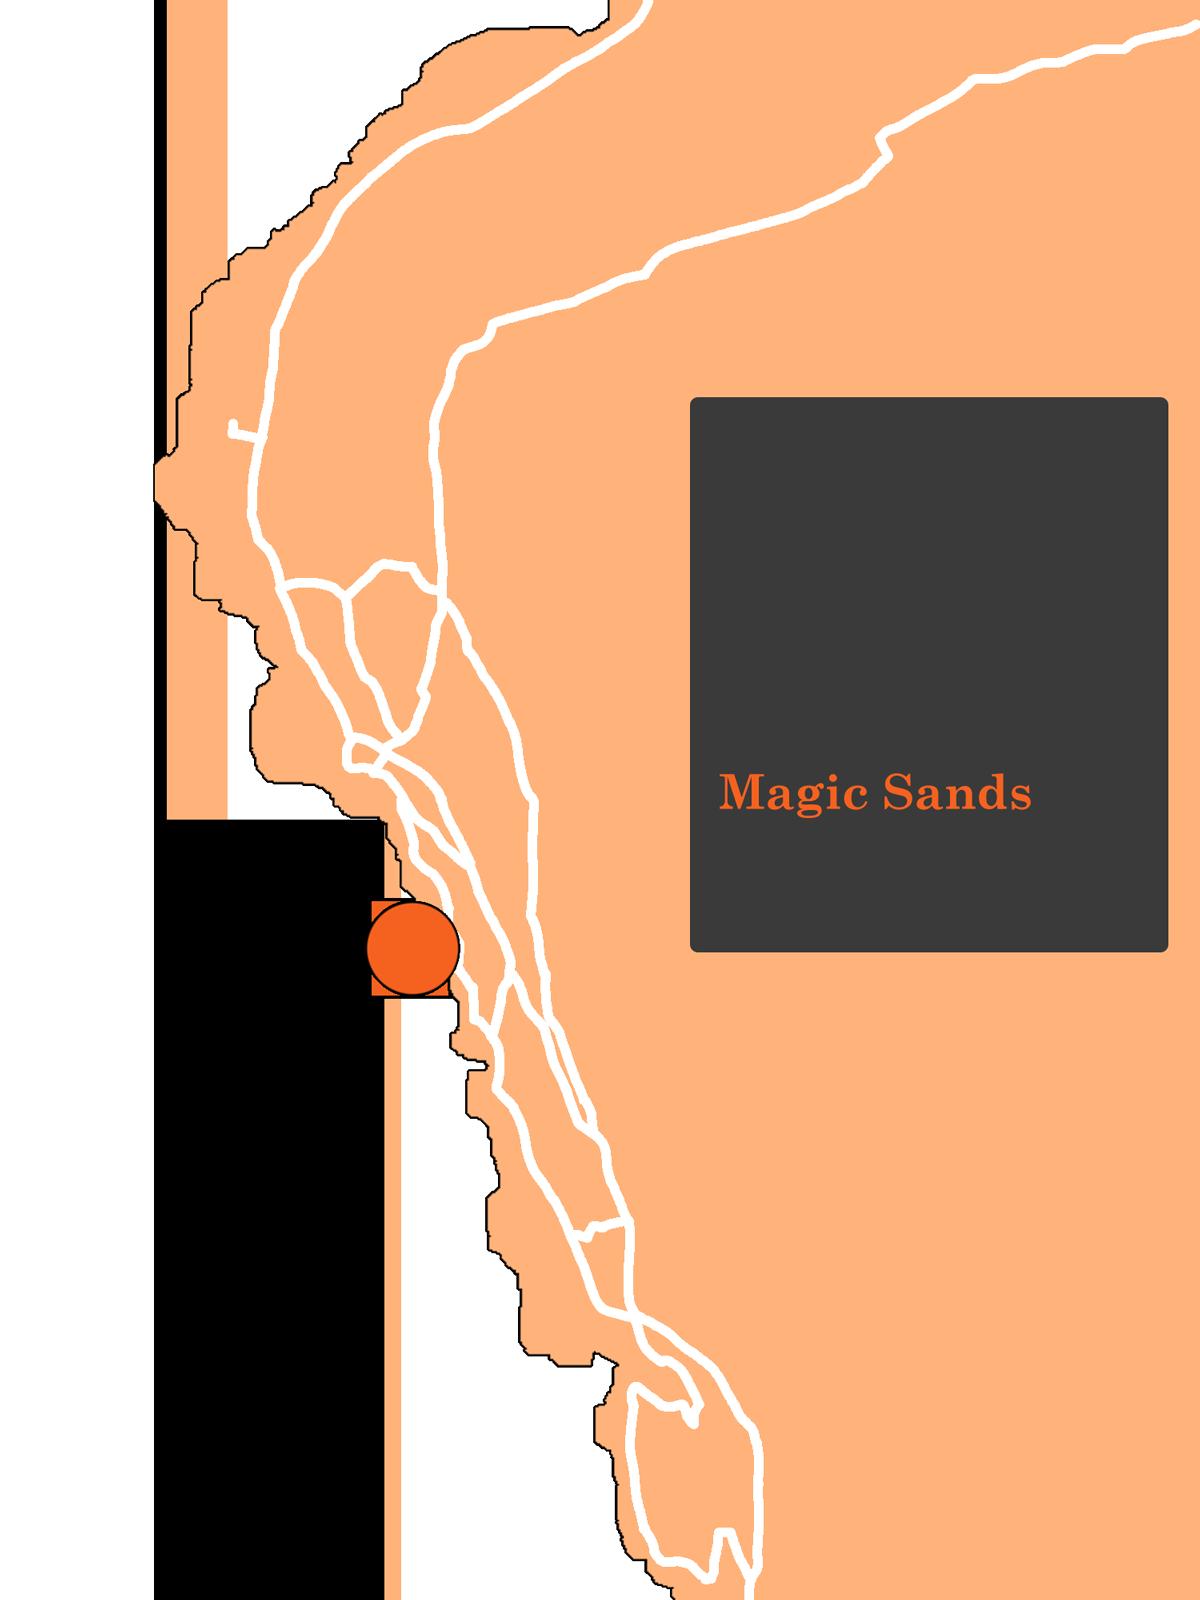 MagicsandsKonaMap.png